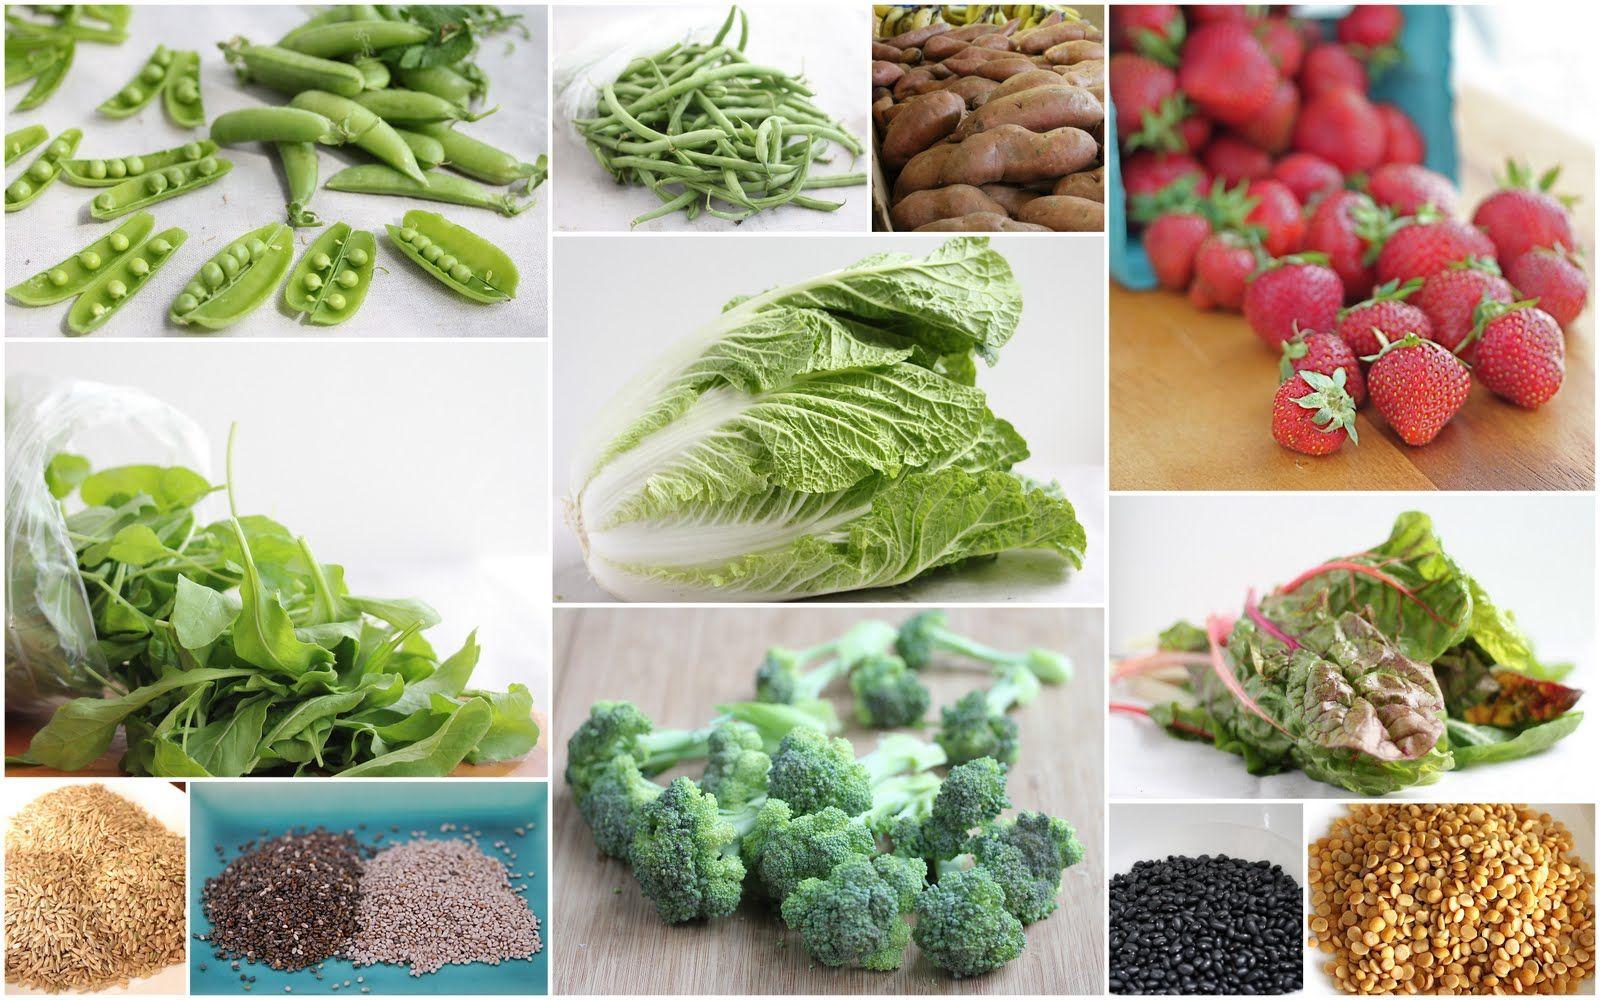 Зеленая Диета Диабетиков. Основы правильного питания при инсулинозависимом диабете